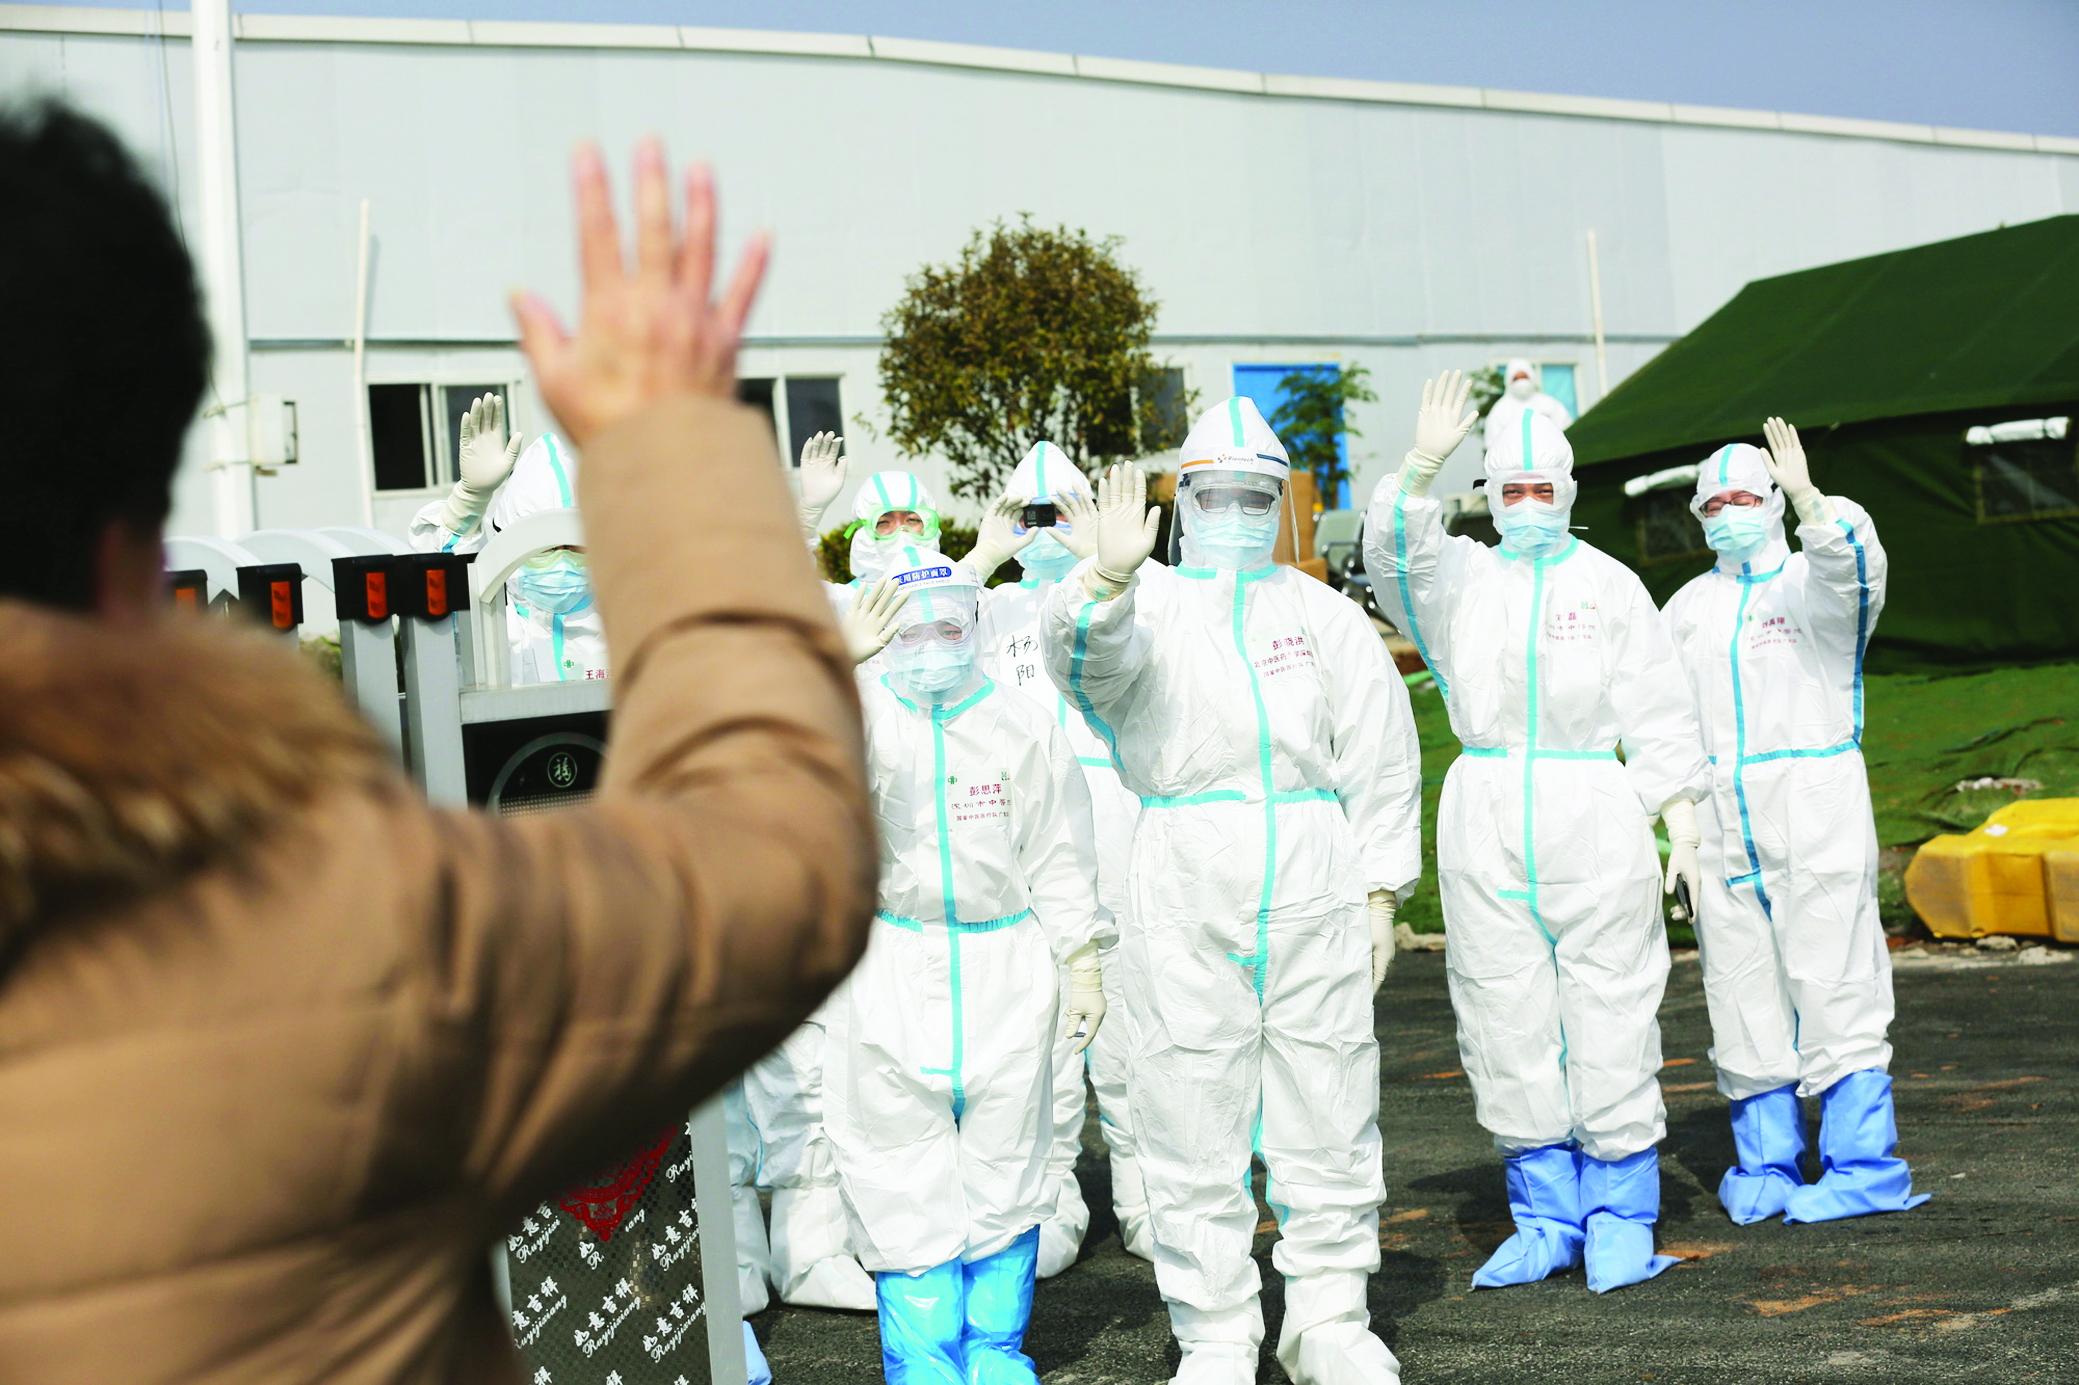 Bệnh nhân khỏi bệnh vẫy tay chào đội ngũ y bác sĩ ở Bệnh viện Dã chiến Lôi Thần Sơn, Vũ Hán ngày 1/3 - Ảnh: Reuters